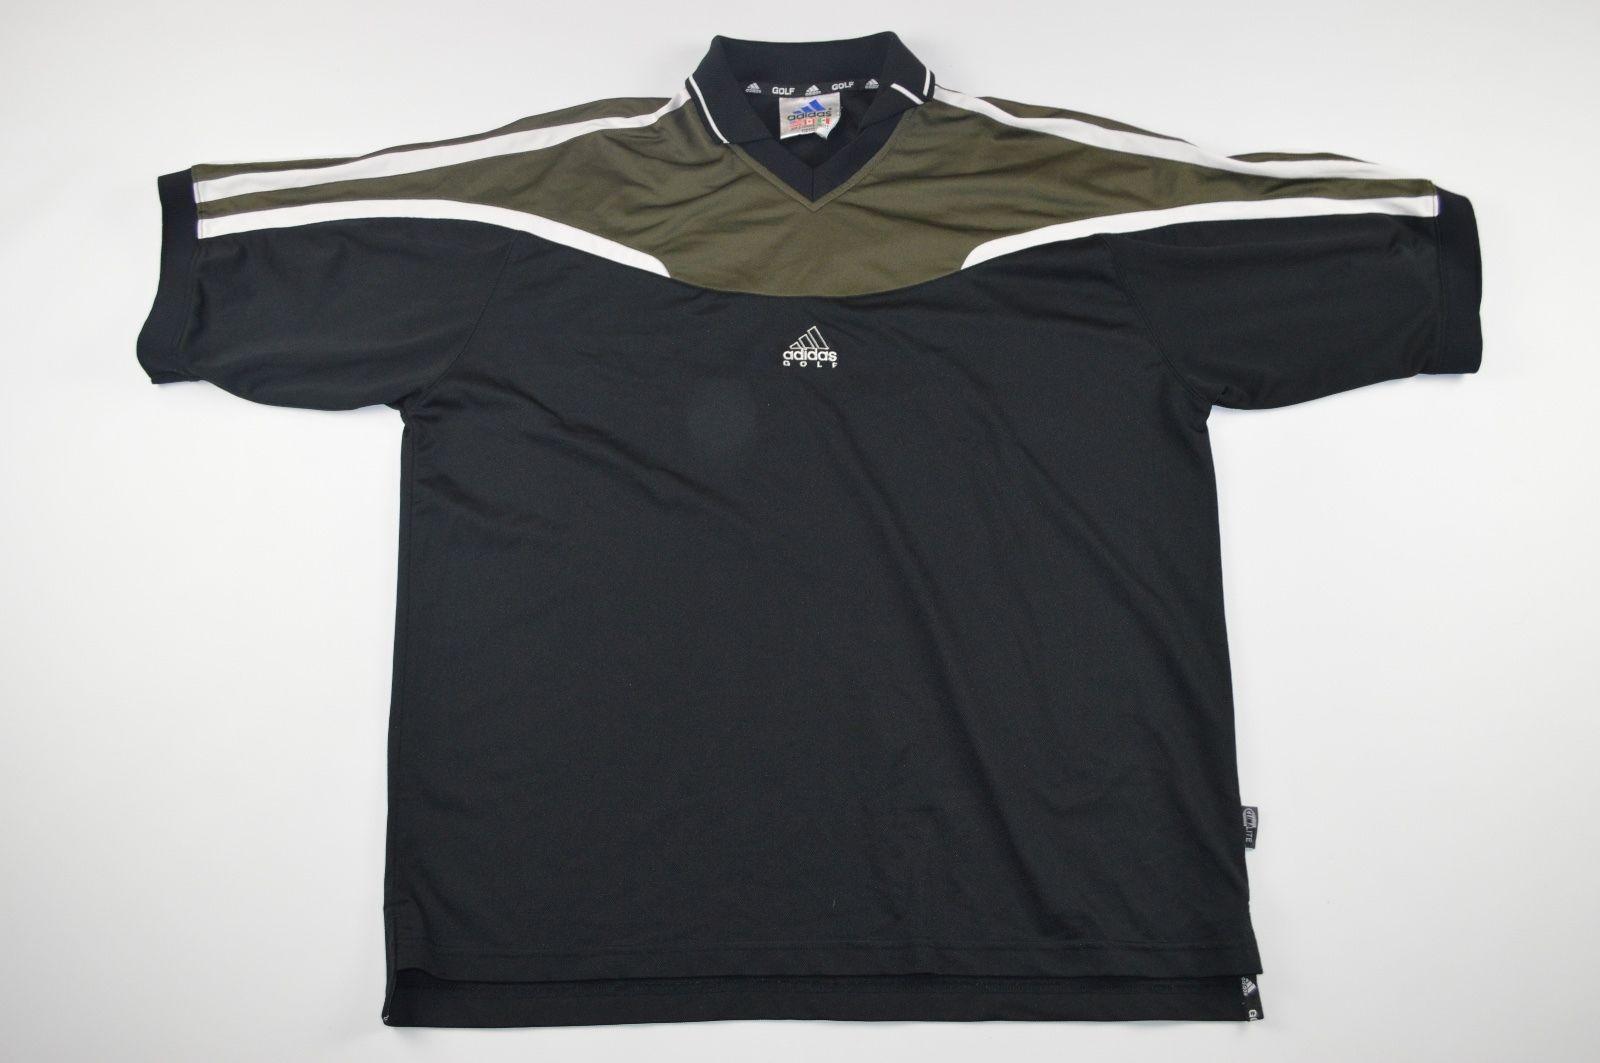 Adidas sportjacke 90er